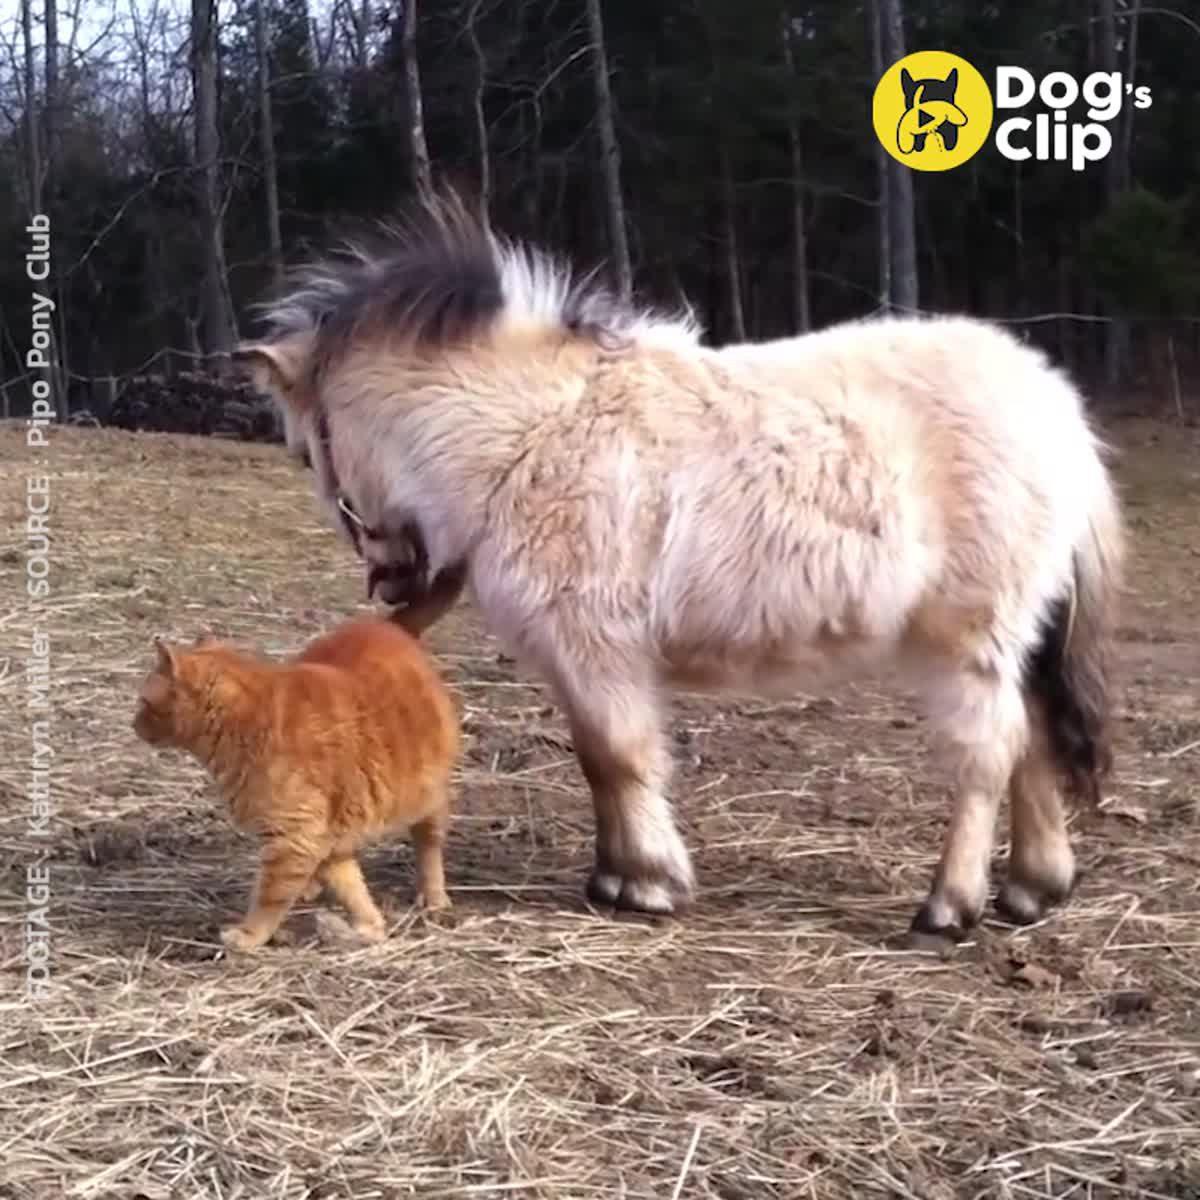 มาทำความรู้จักกับม้าแครที่สูงกว่าแมวนิดเดียวกันเถอะ